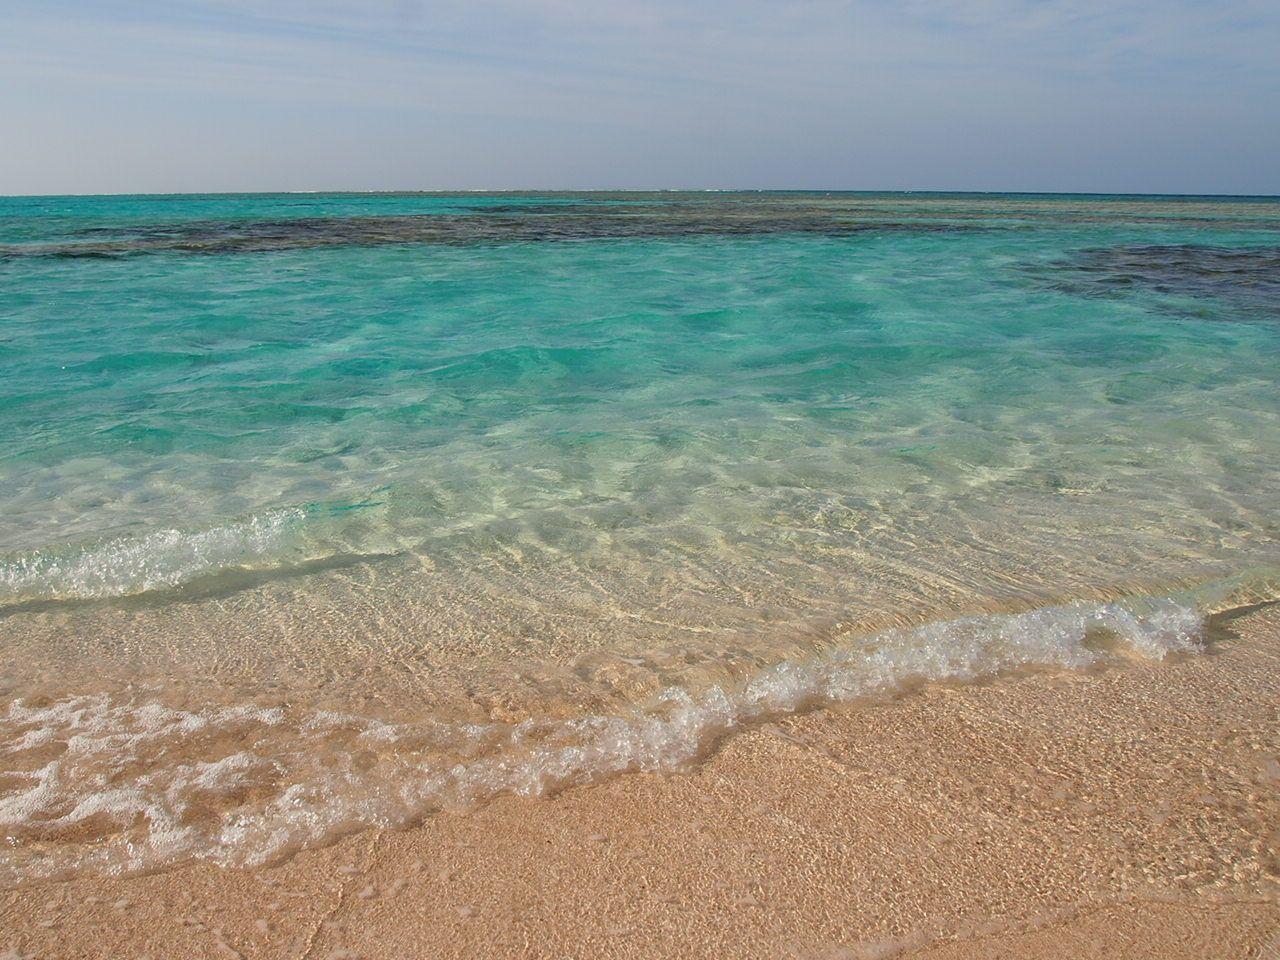 与論島は癒しのビーチの宝庫!